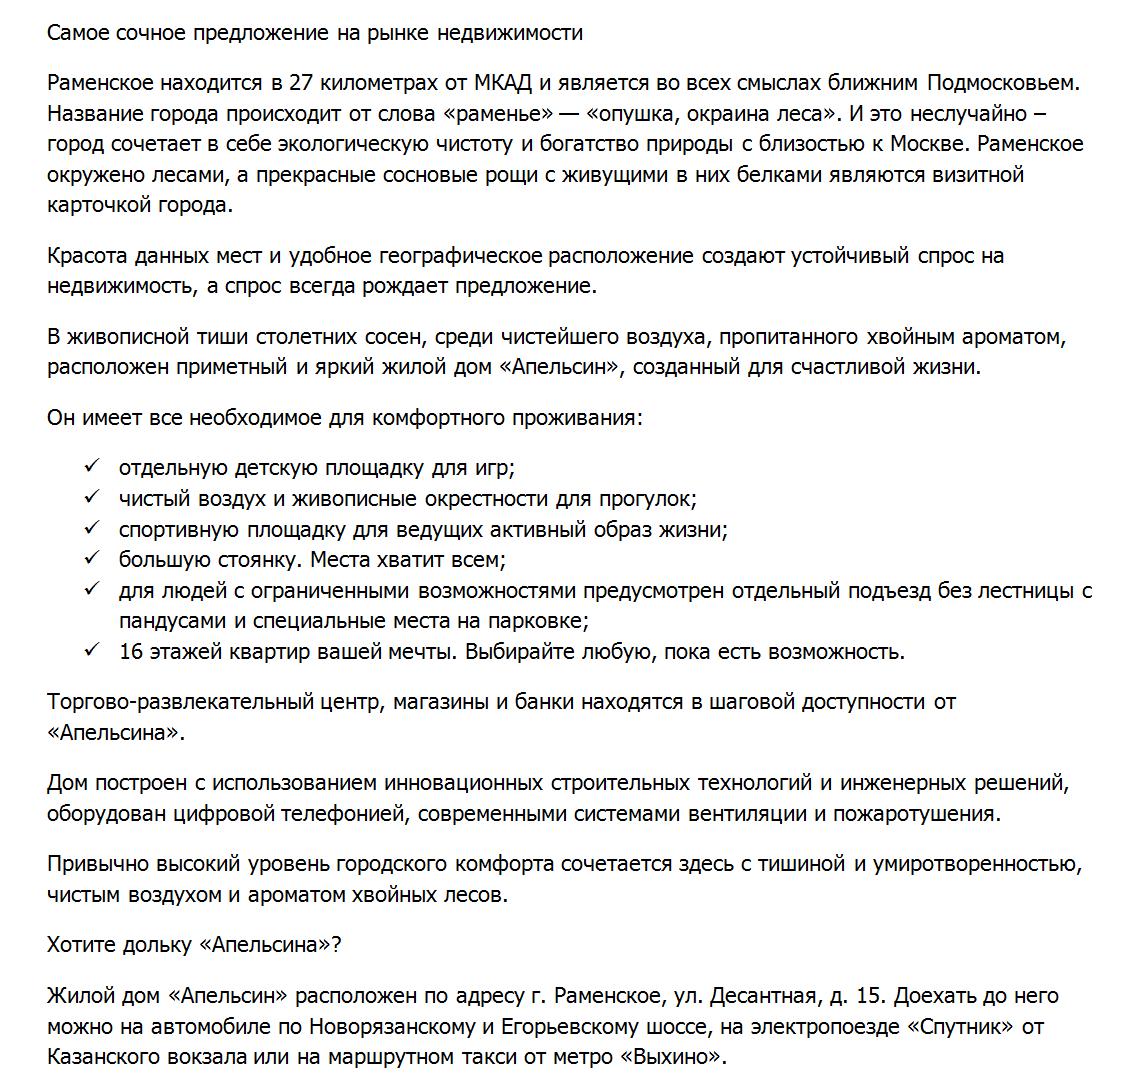 """Текст для брошюры и сайта по продаже квартир в жилом доме """"Апельсин"""""""